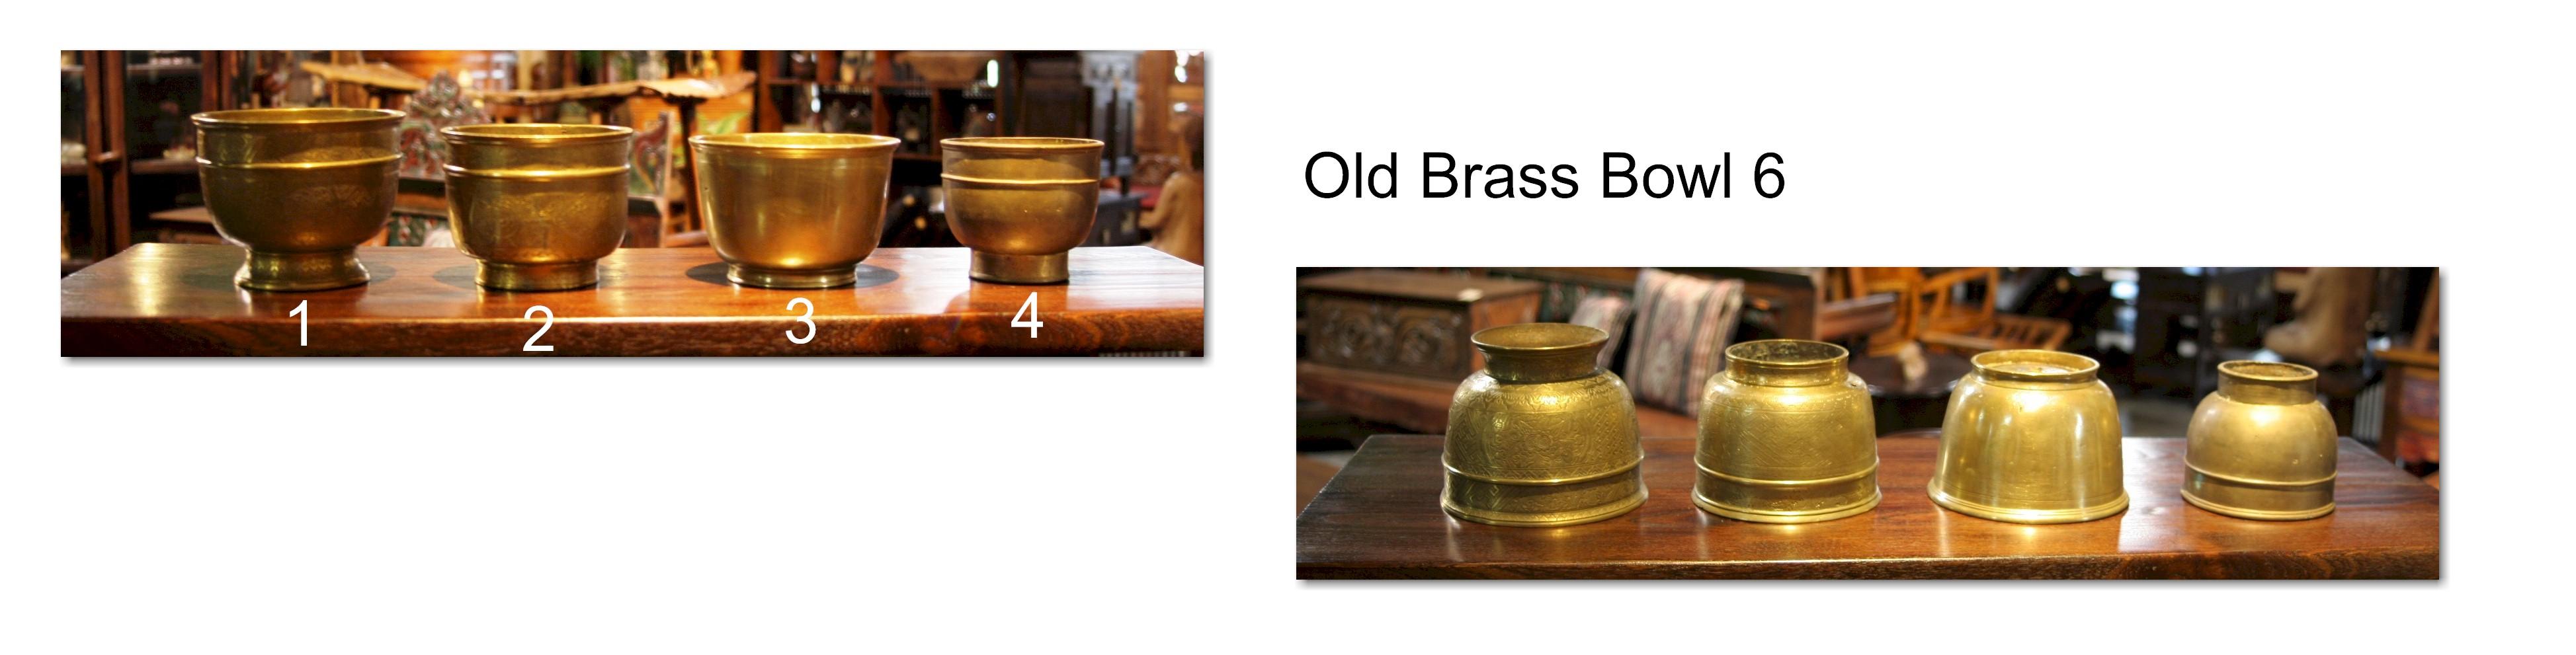 Old Brass Bowl 6